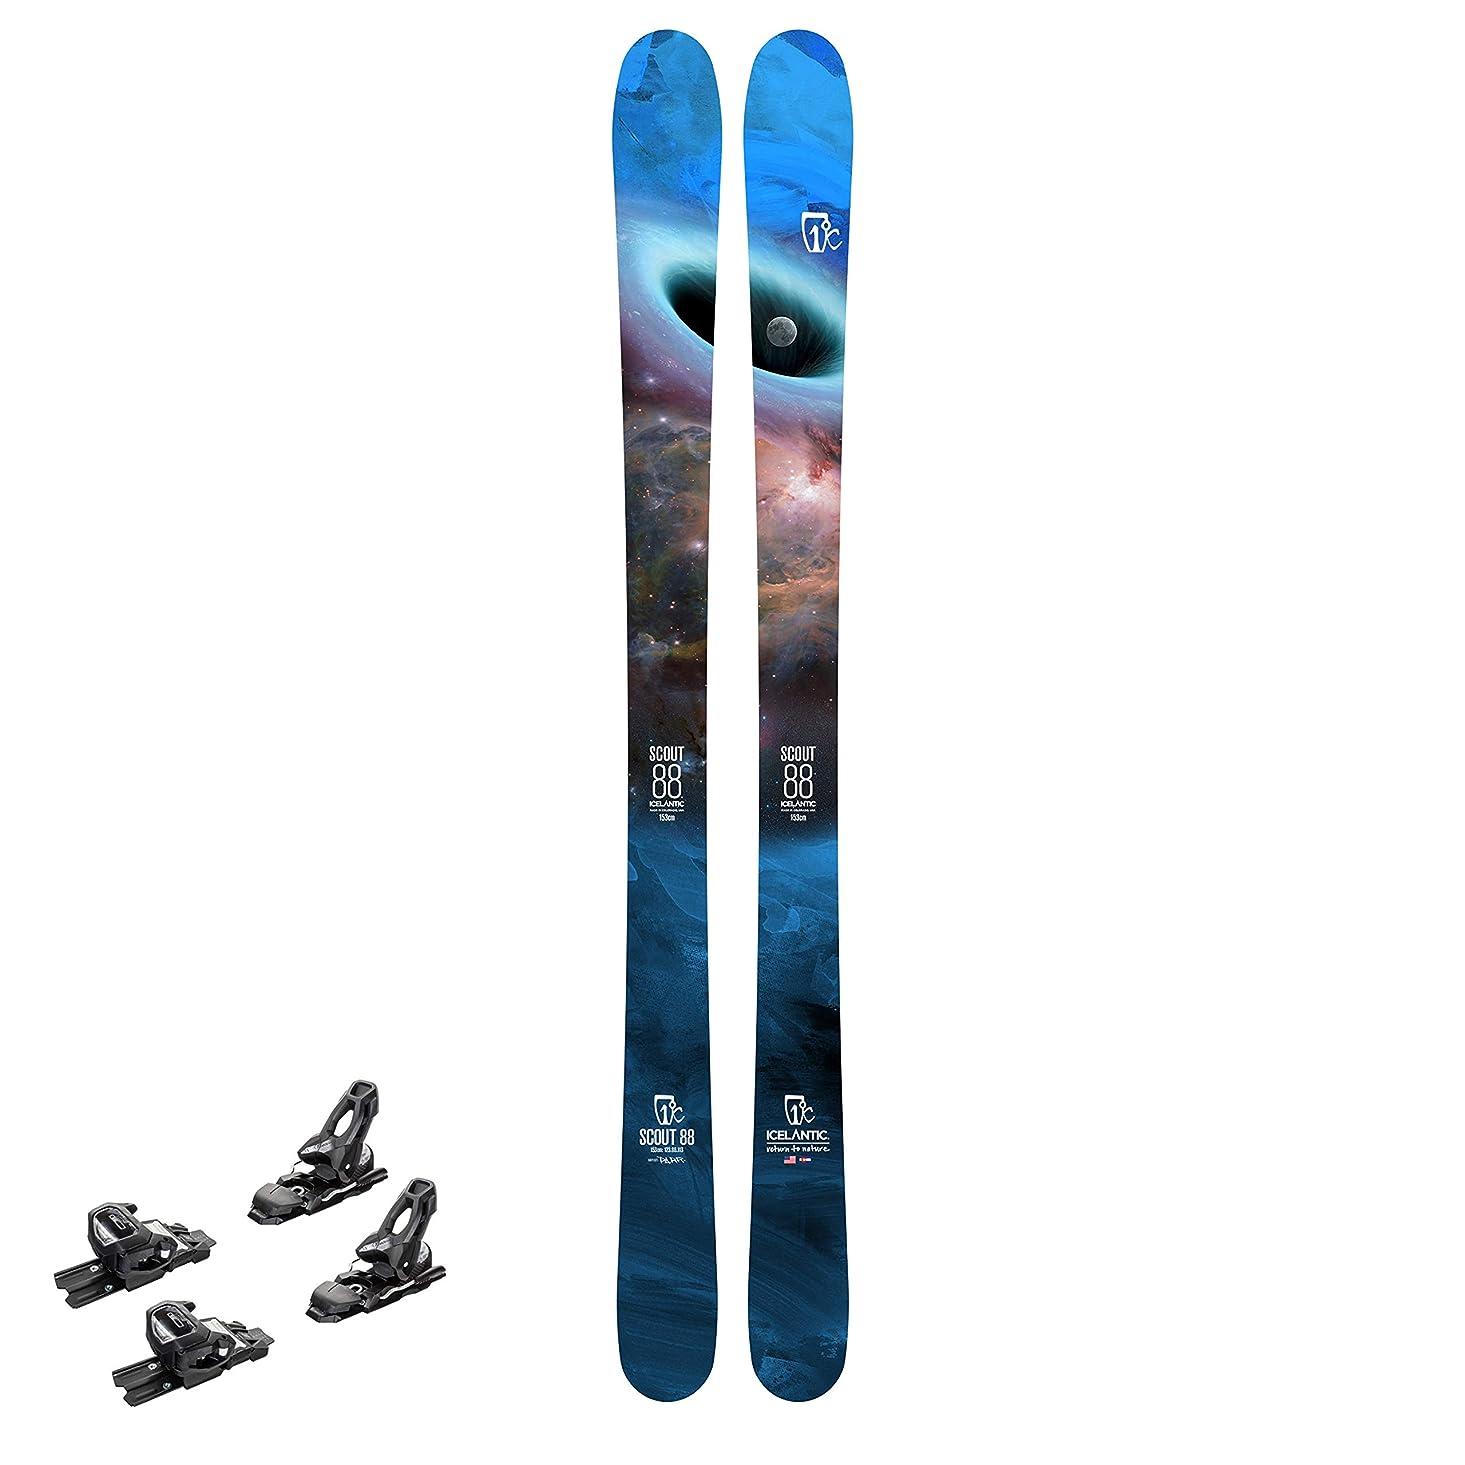 説明的賭けうがい薬スキー板ビンディング付、取付?解放値調整作業込み Icelantic(アイスランティック) 19/20 Scout 88 (金具 Tyrolia(チロリア) AAATTACK2 11 AT DEMO)